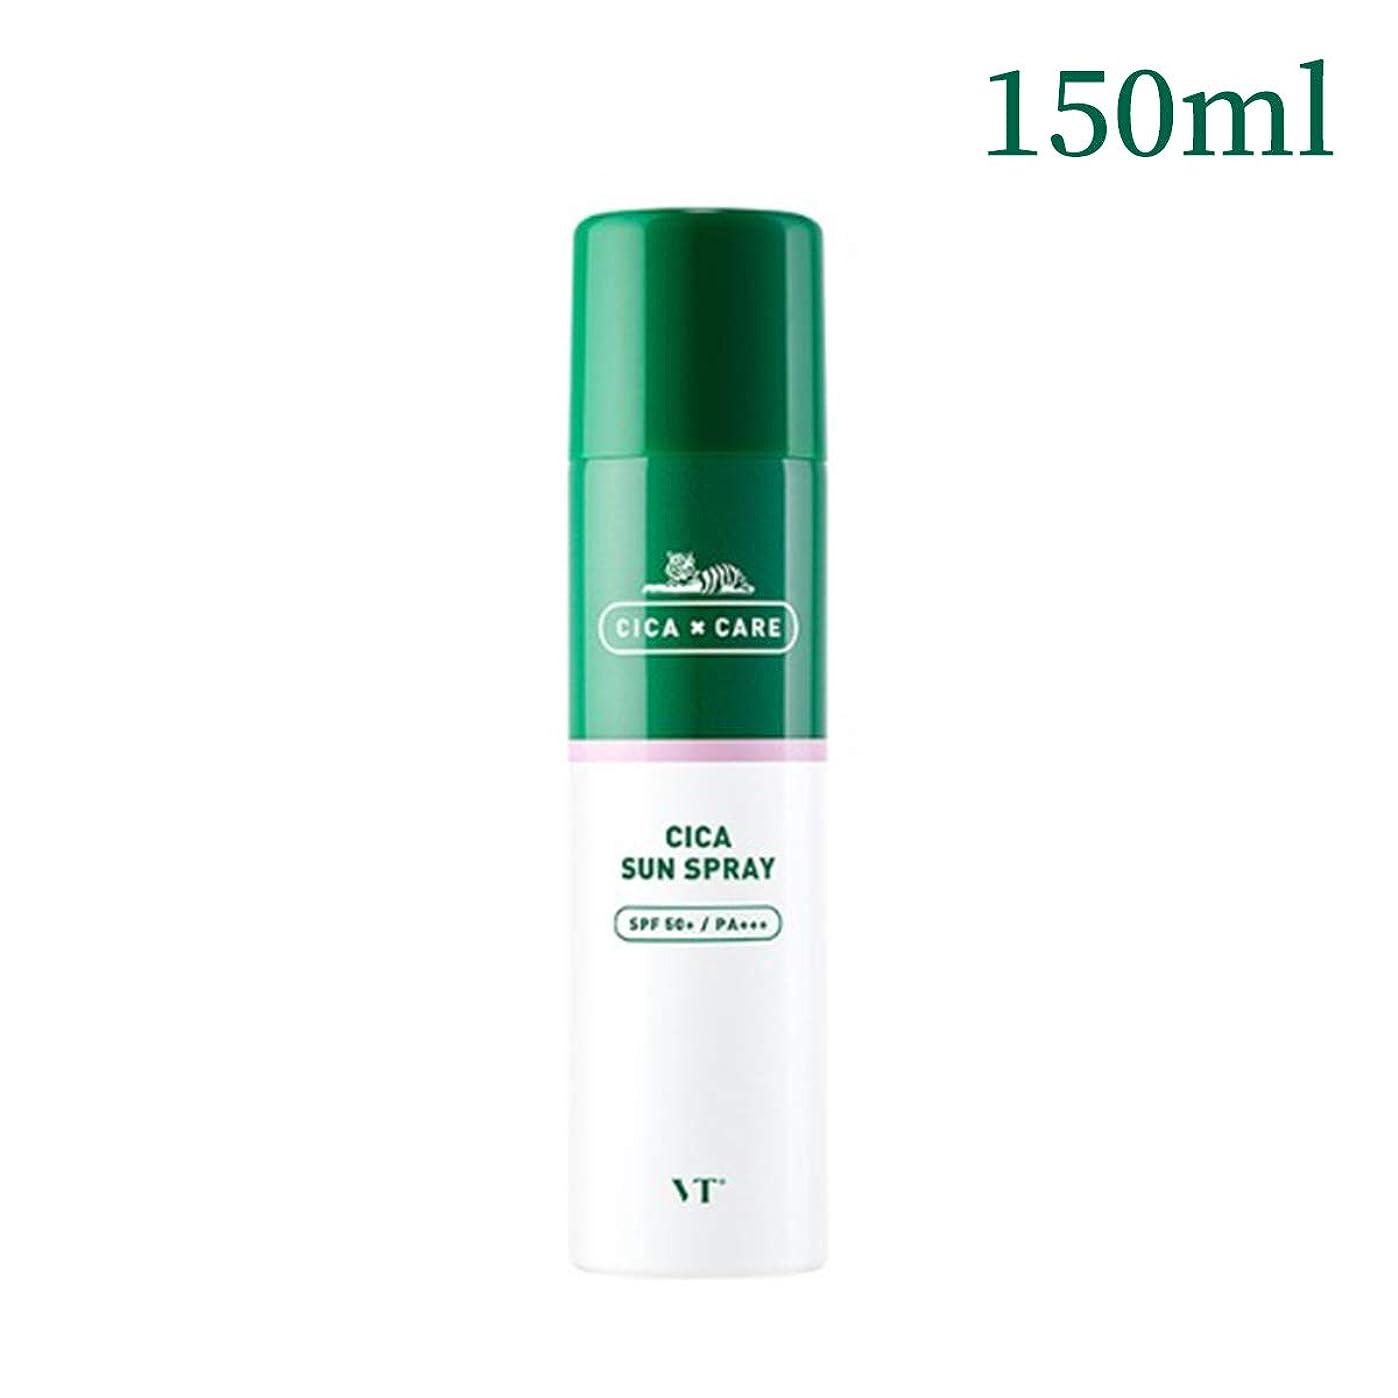 ジャーナル王位ピービッシュVT Cosmetis CICAサンスプレー 150ml